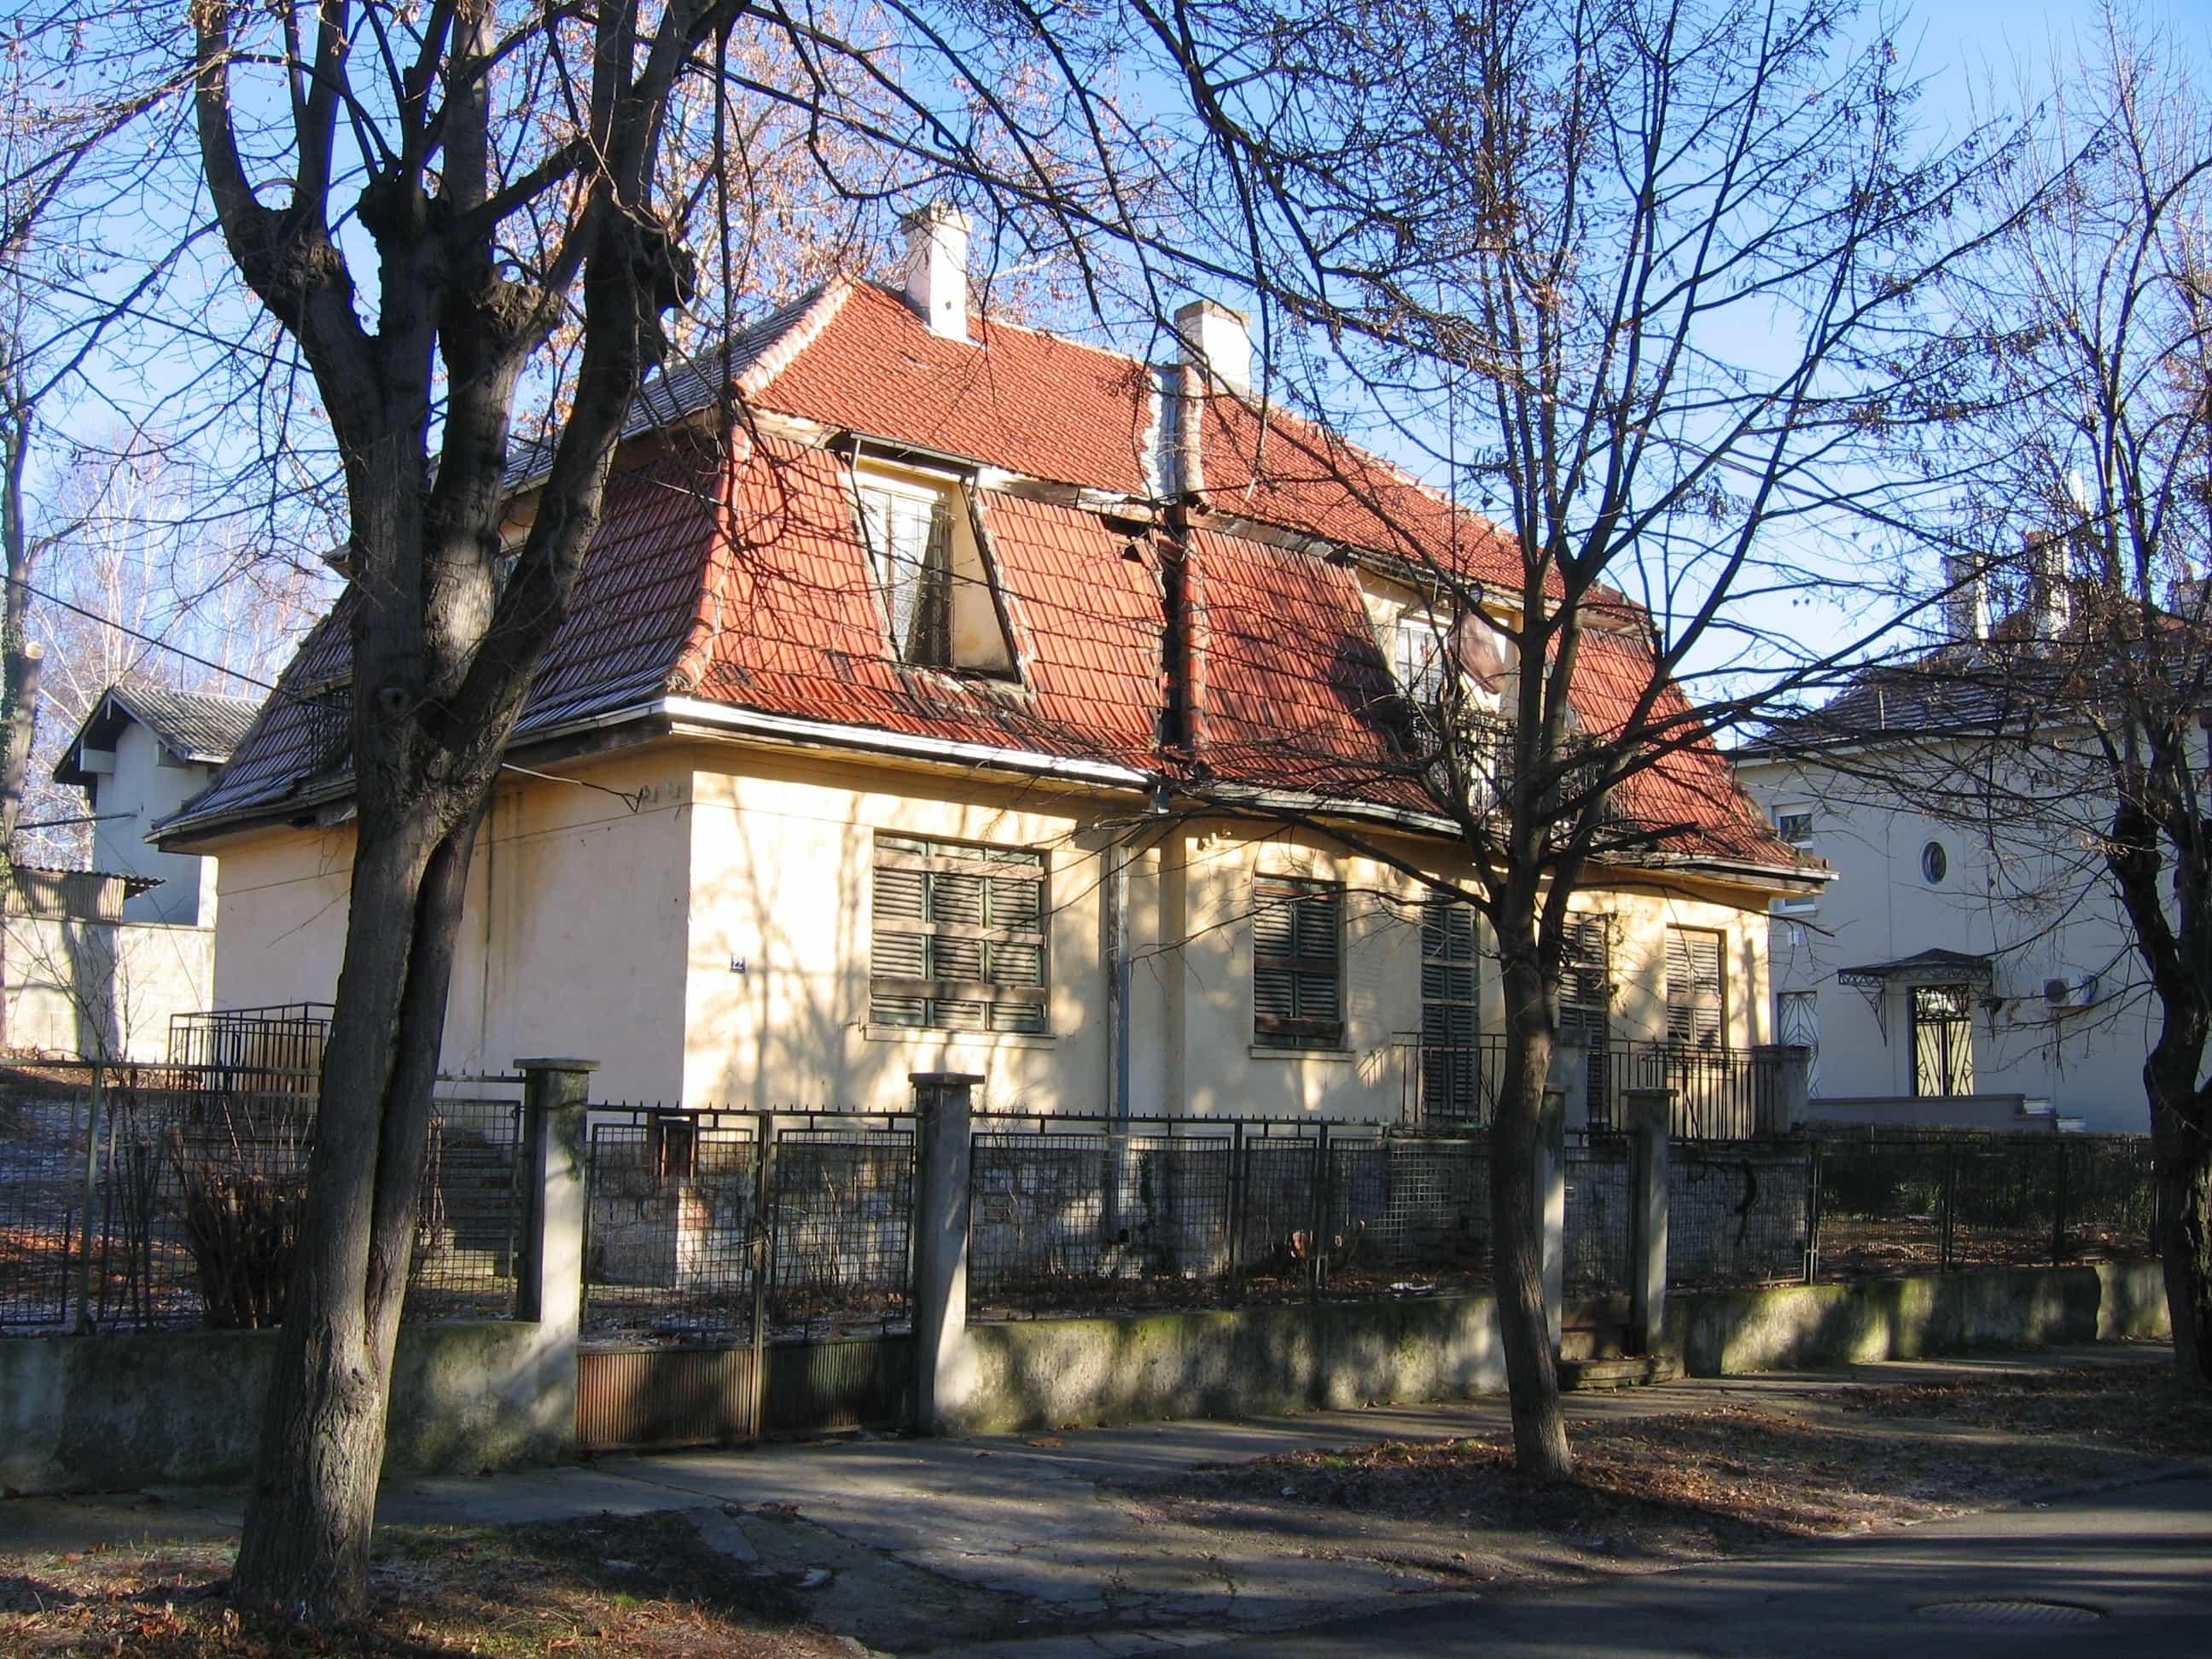 Kuća Veselina Čajkanovića, pre rušenja, foto: Laura Barna